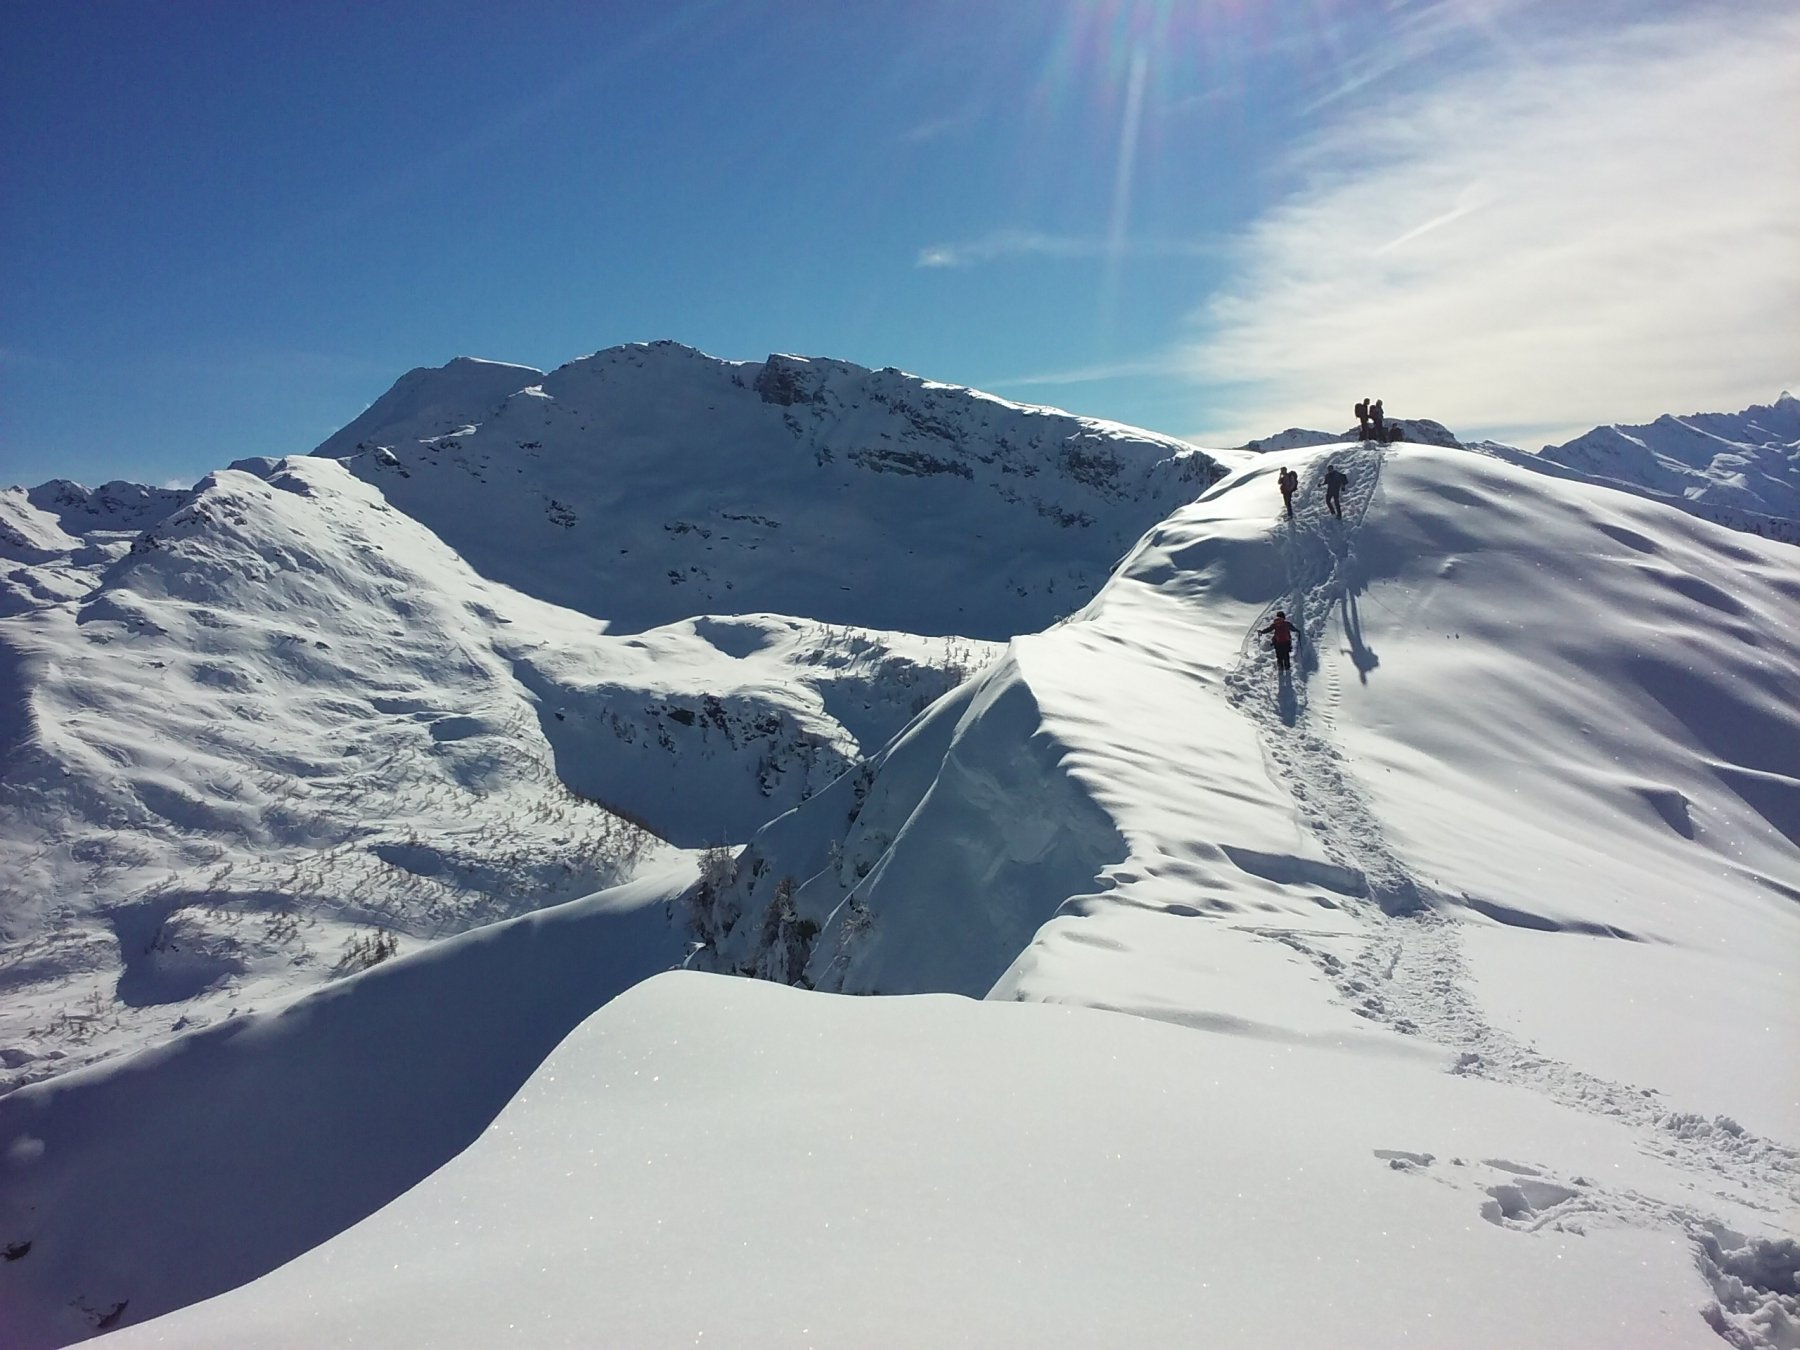 Liste (Cima delle) o Punta Gardetta da Indiritti 2017-01-29